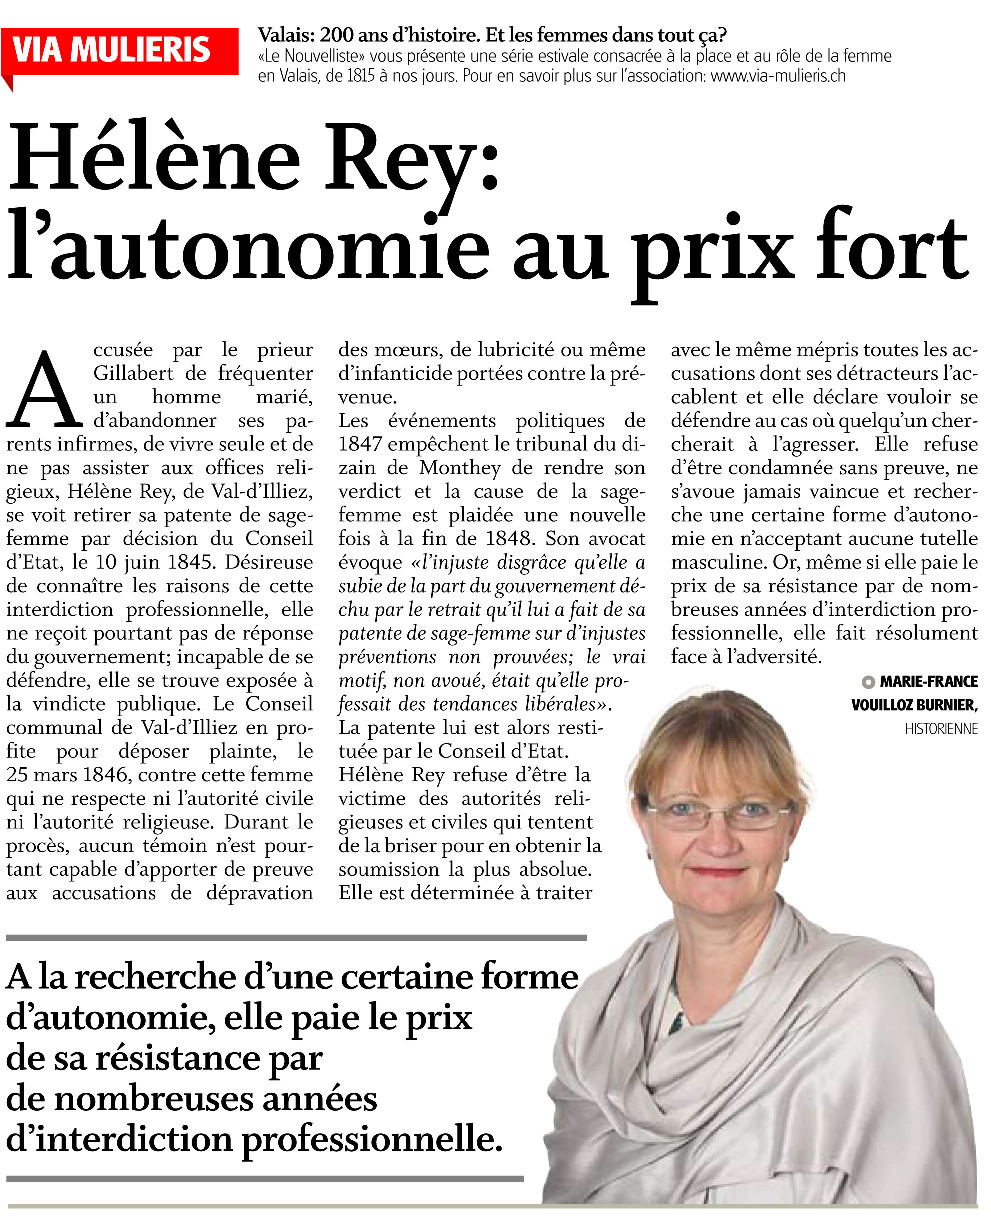 Hélène Rey, l'autonomie au prix fort